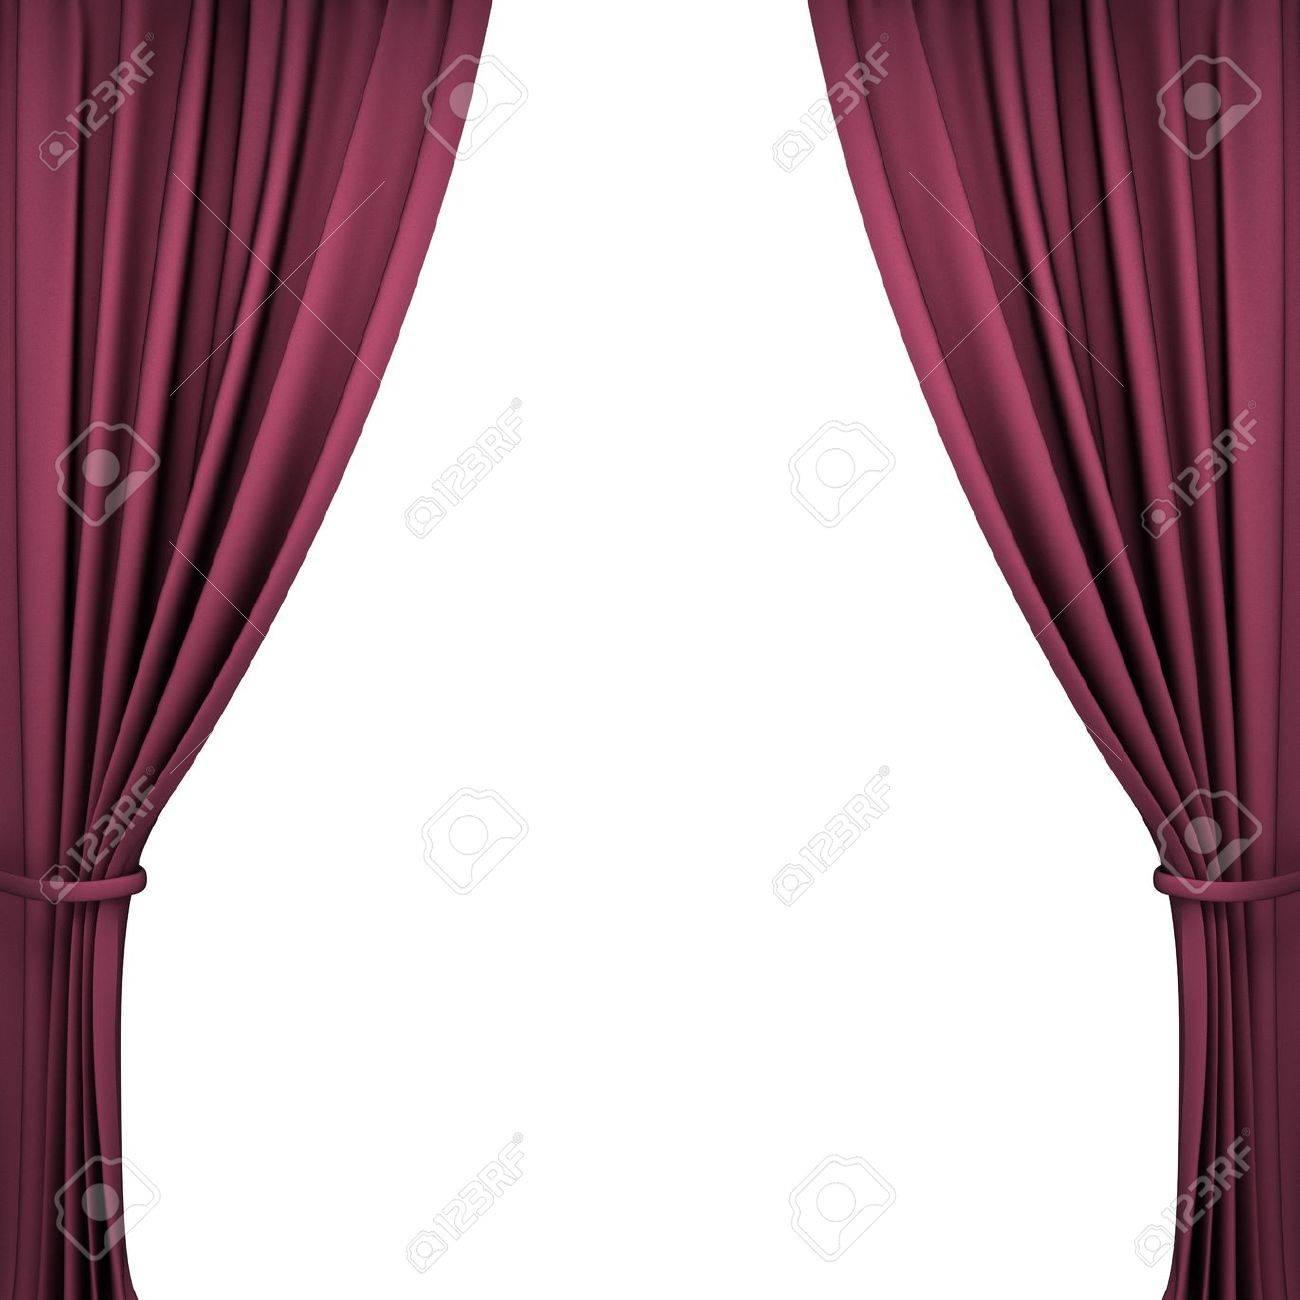 Rood fluweel theater gordijnen op een witte achtergrond royalty ...